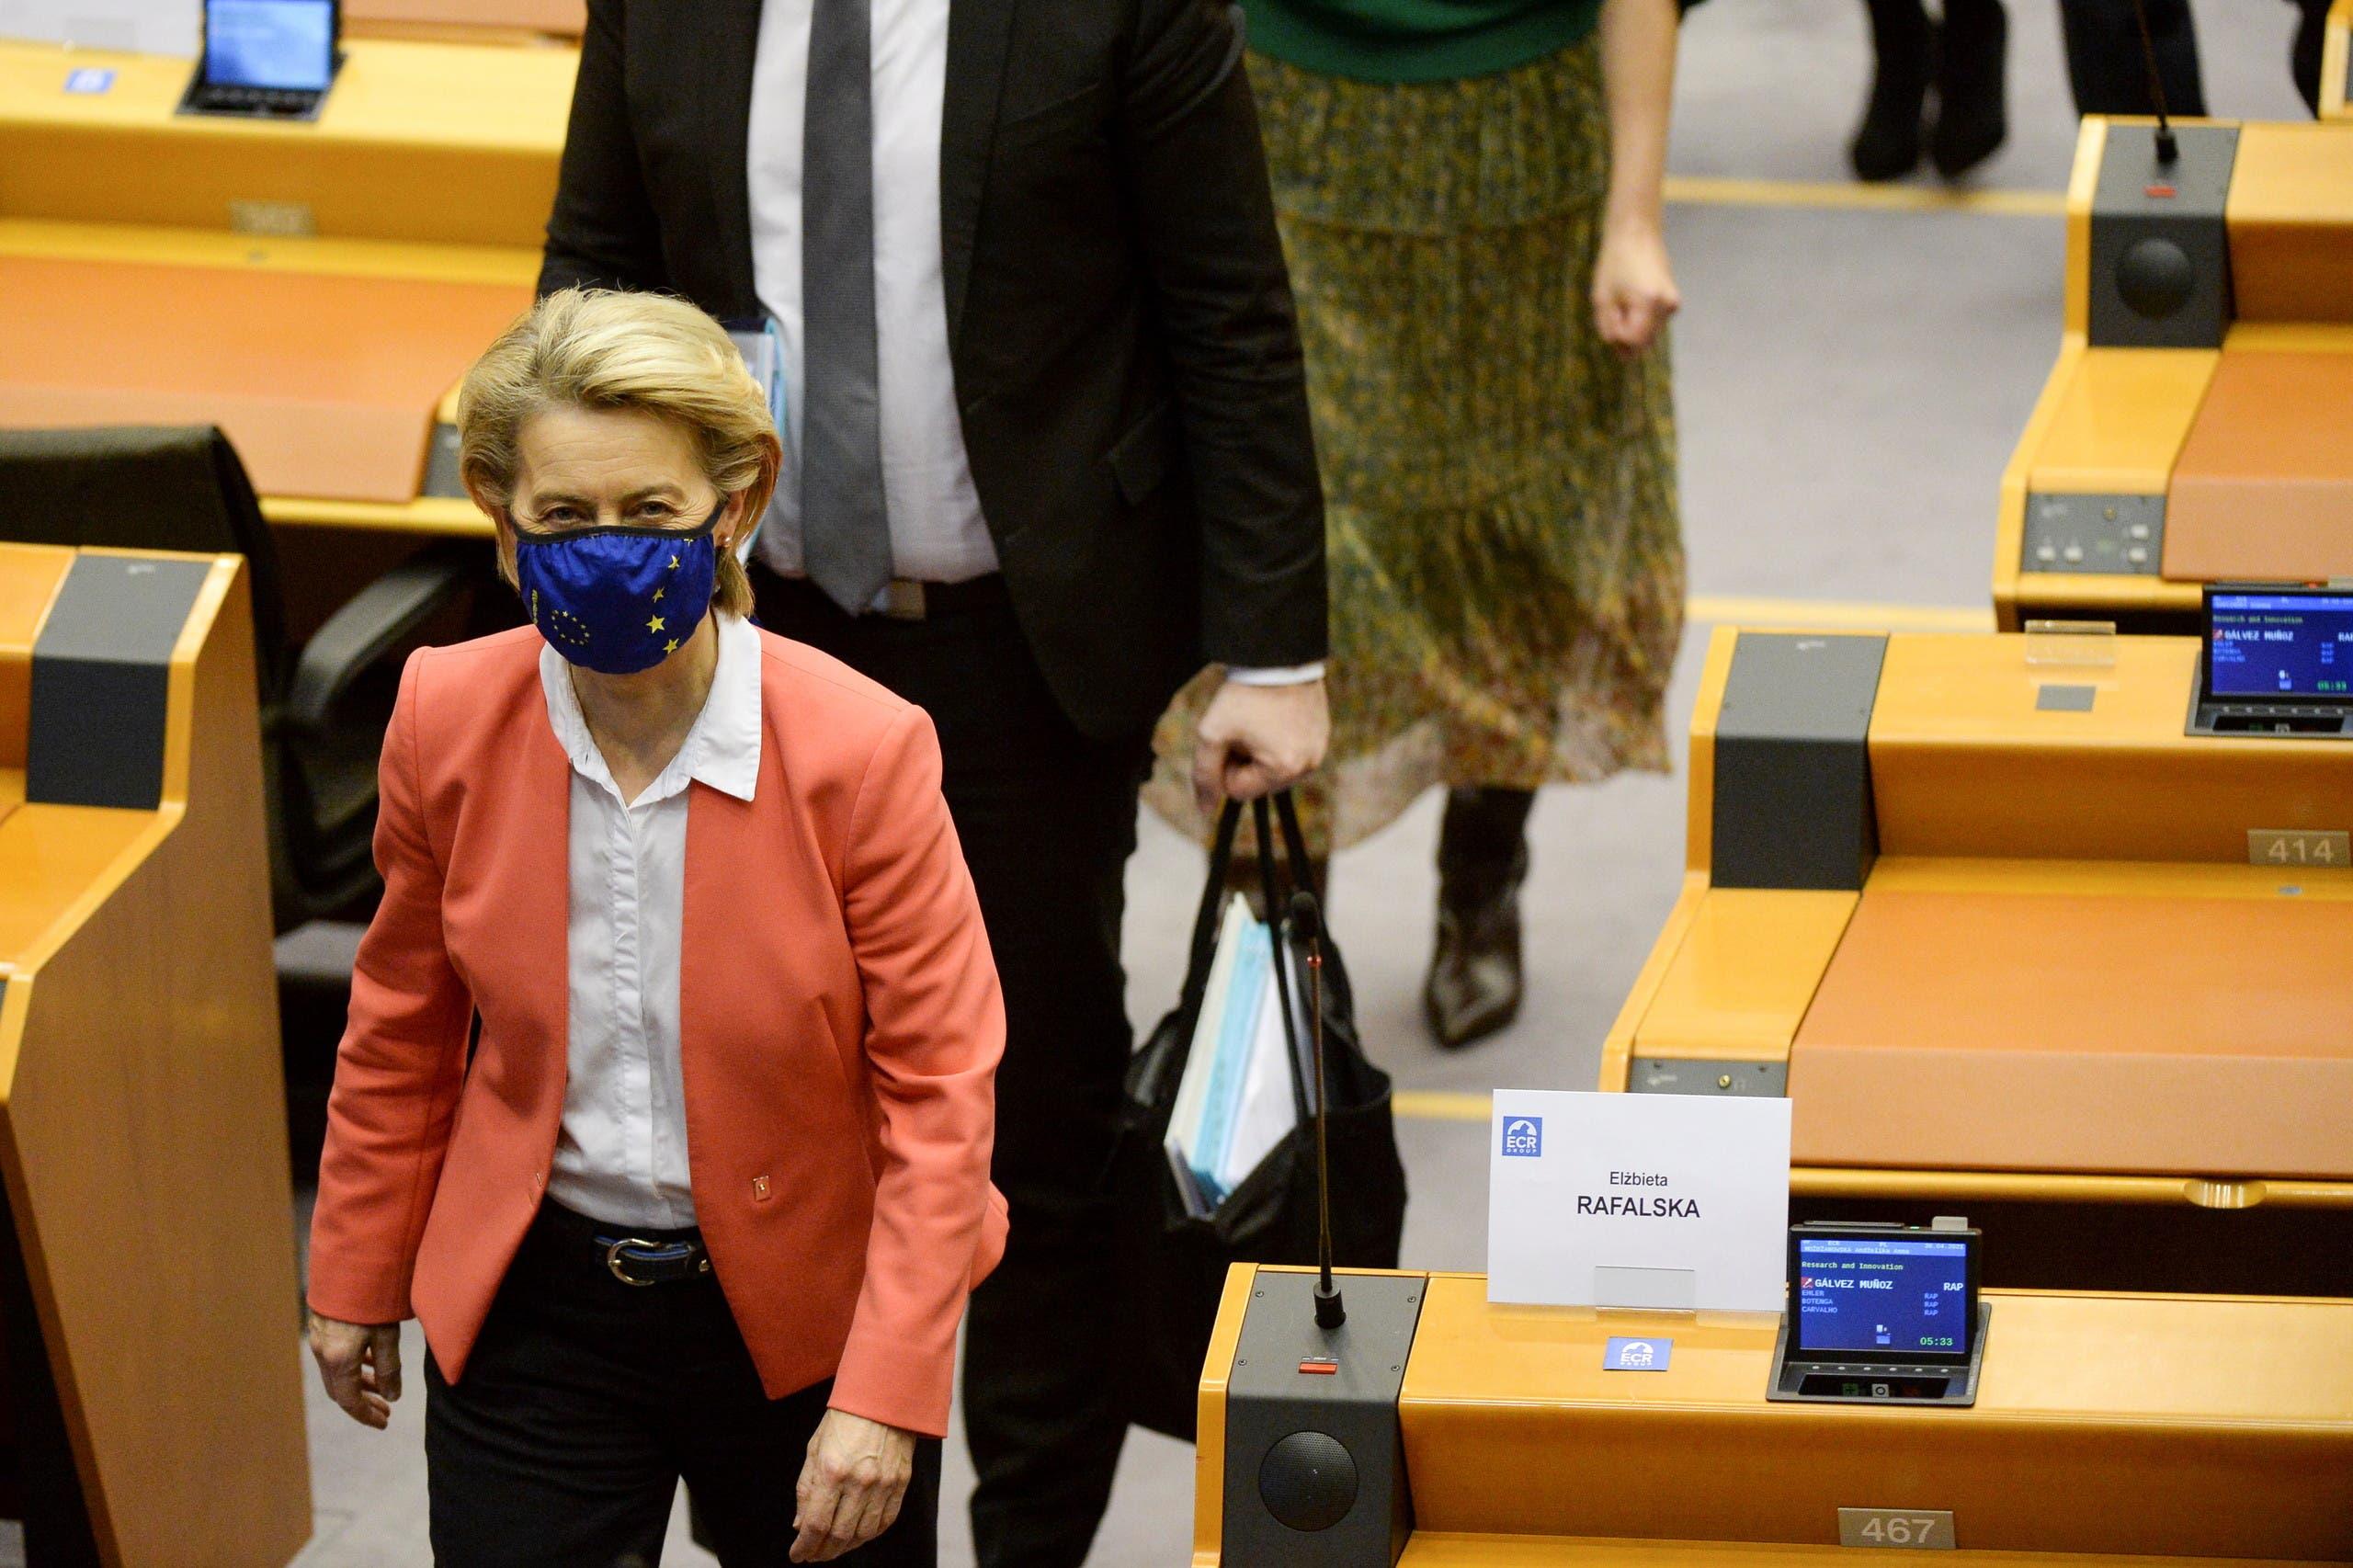 فون دير ليين في البرلمان الأوروبي